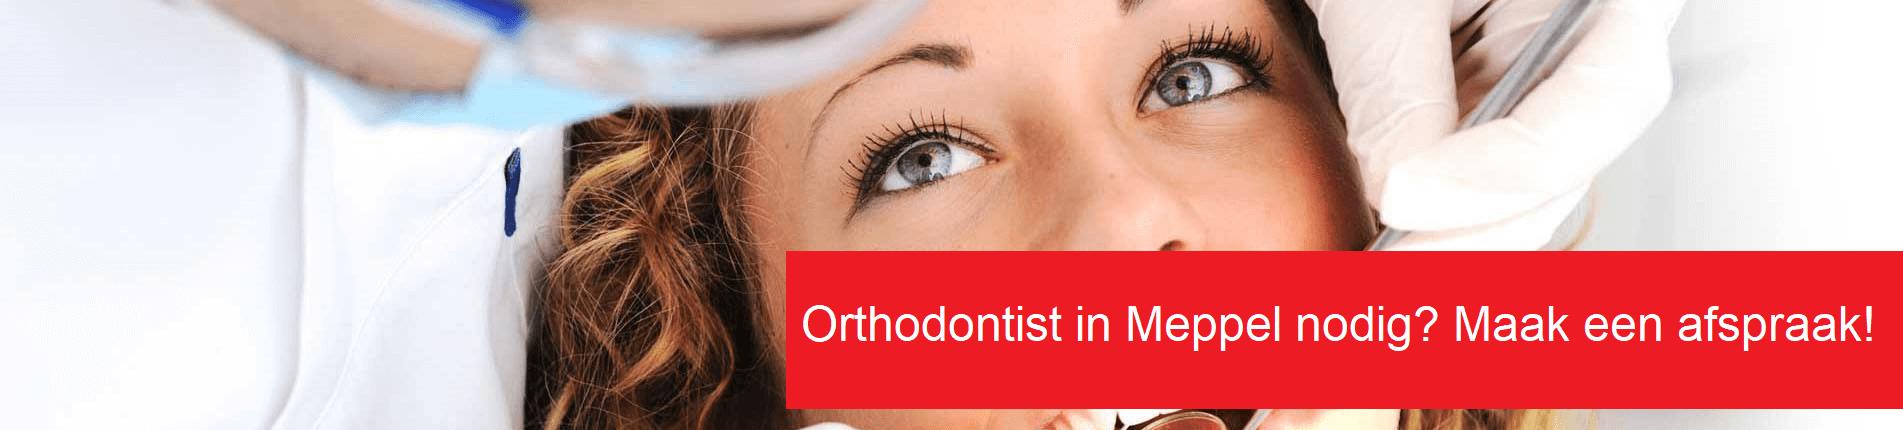 Orthodontist Meppel